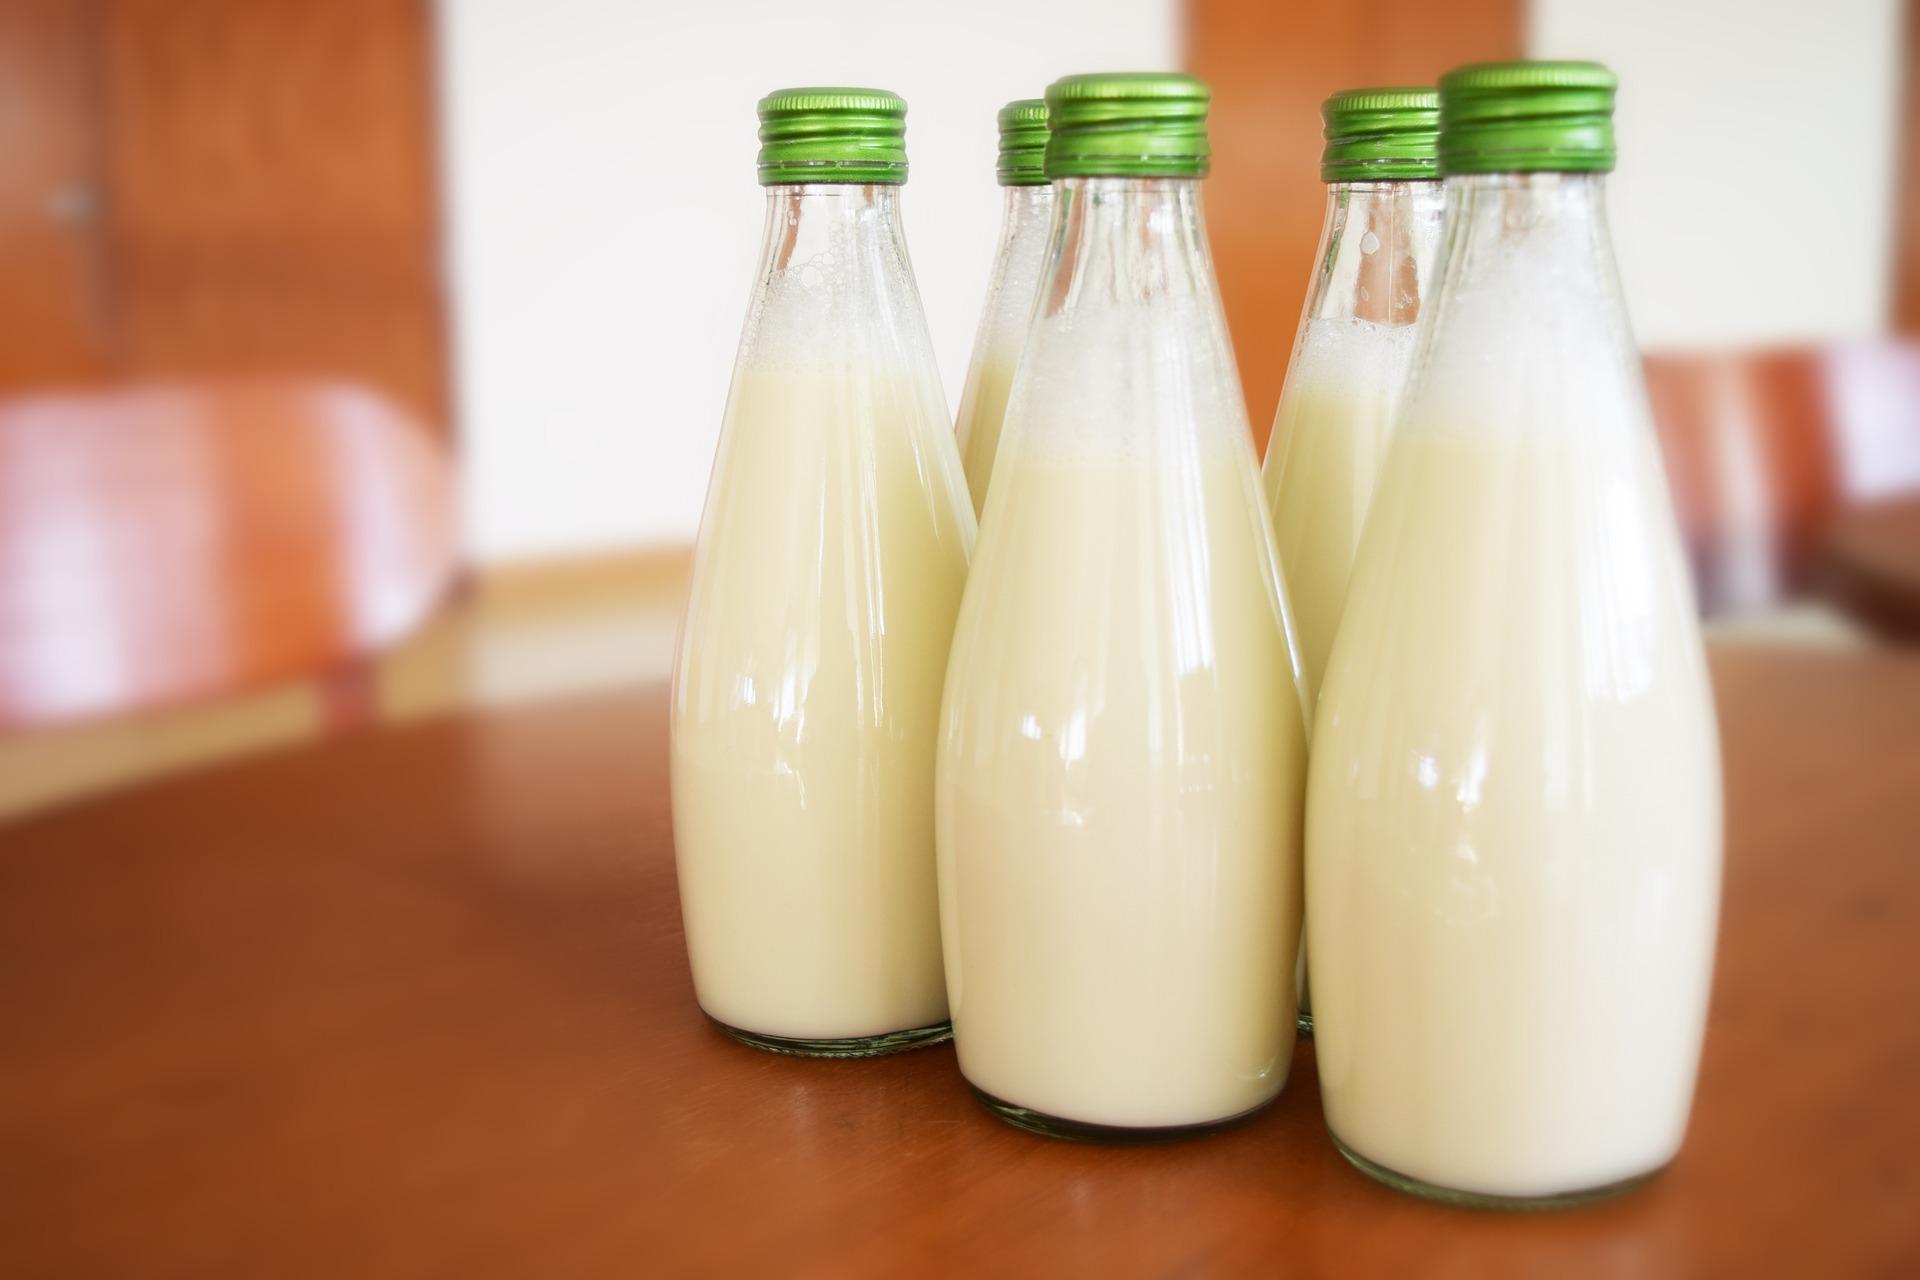 В Україні під фальсифікат використовується 10% молока — експерт